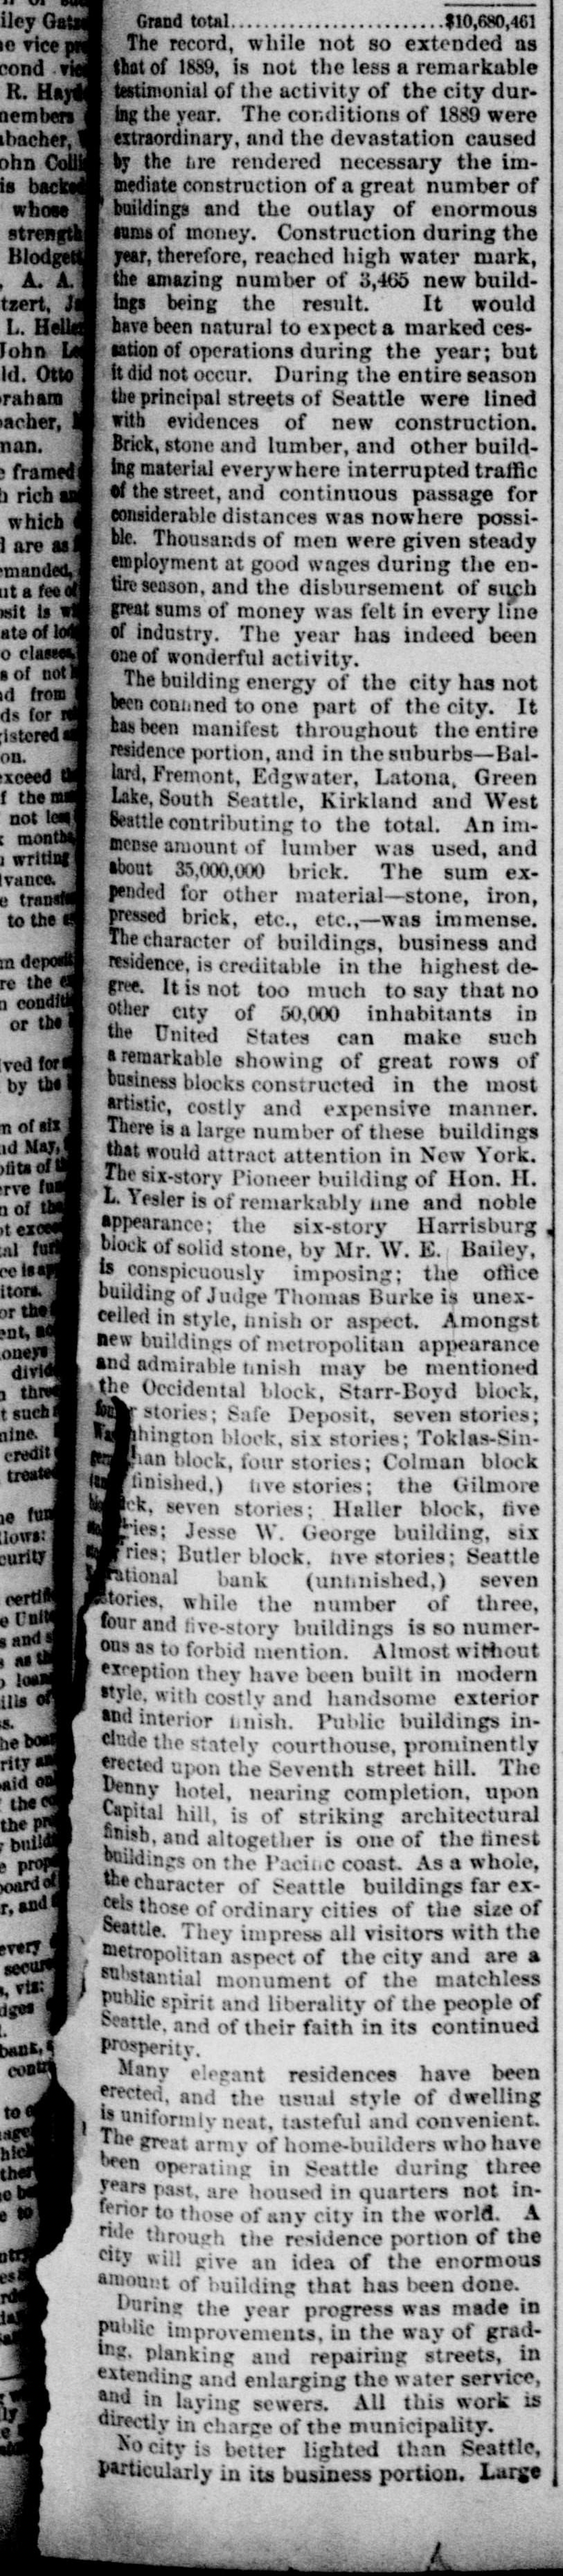 1890_Seattle_Buildings_col_1.jpg